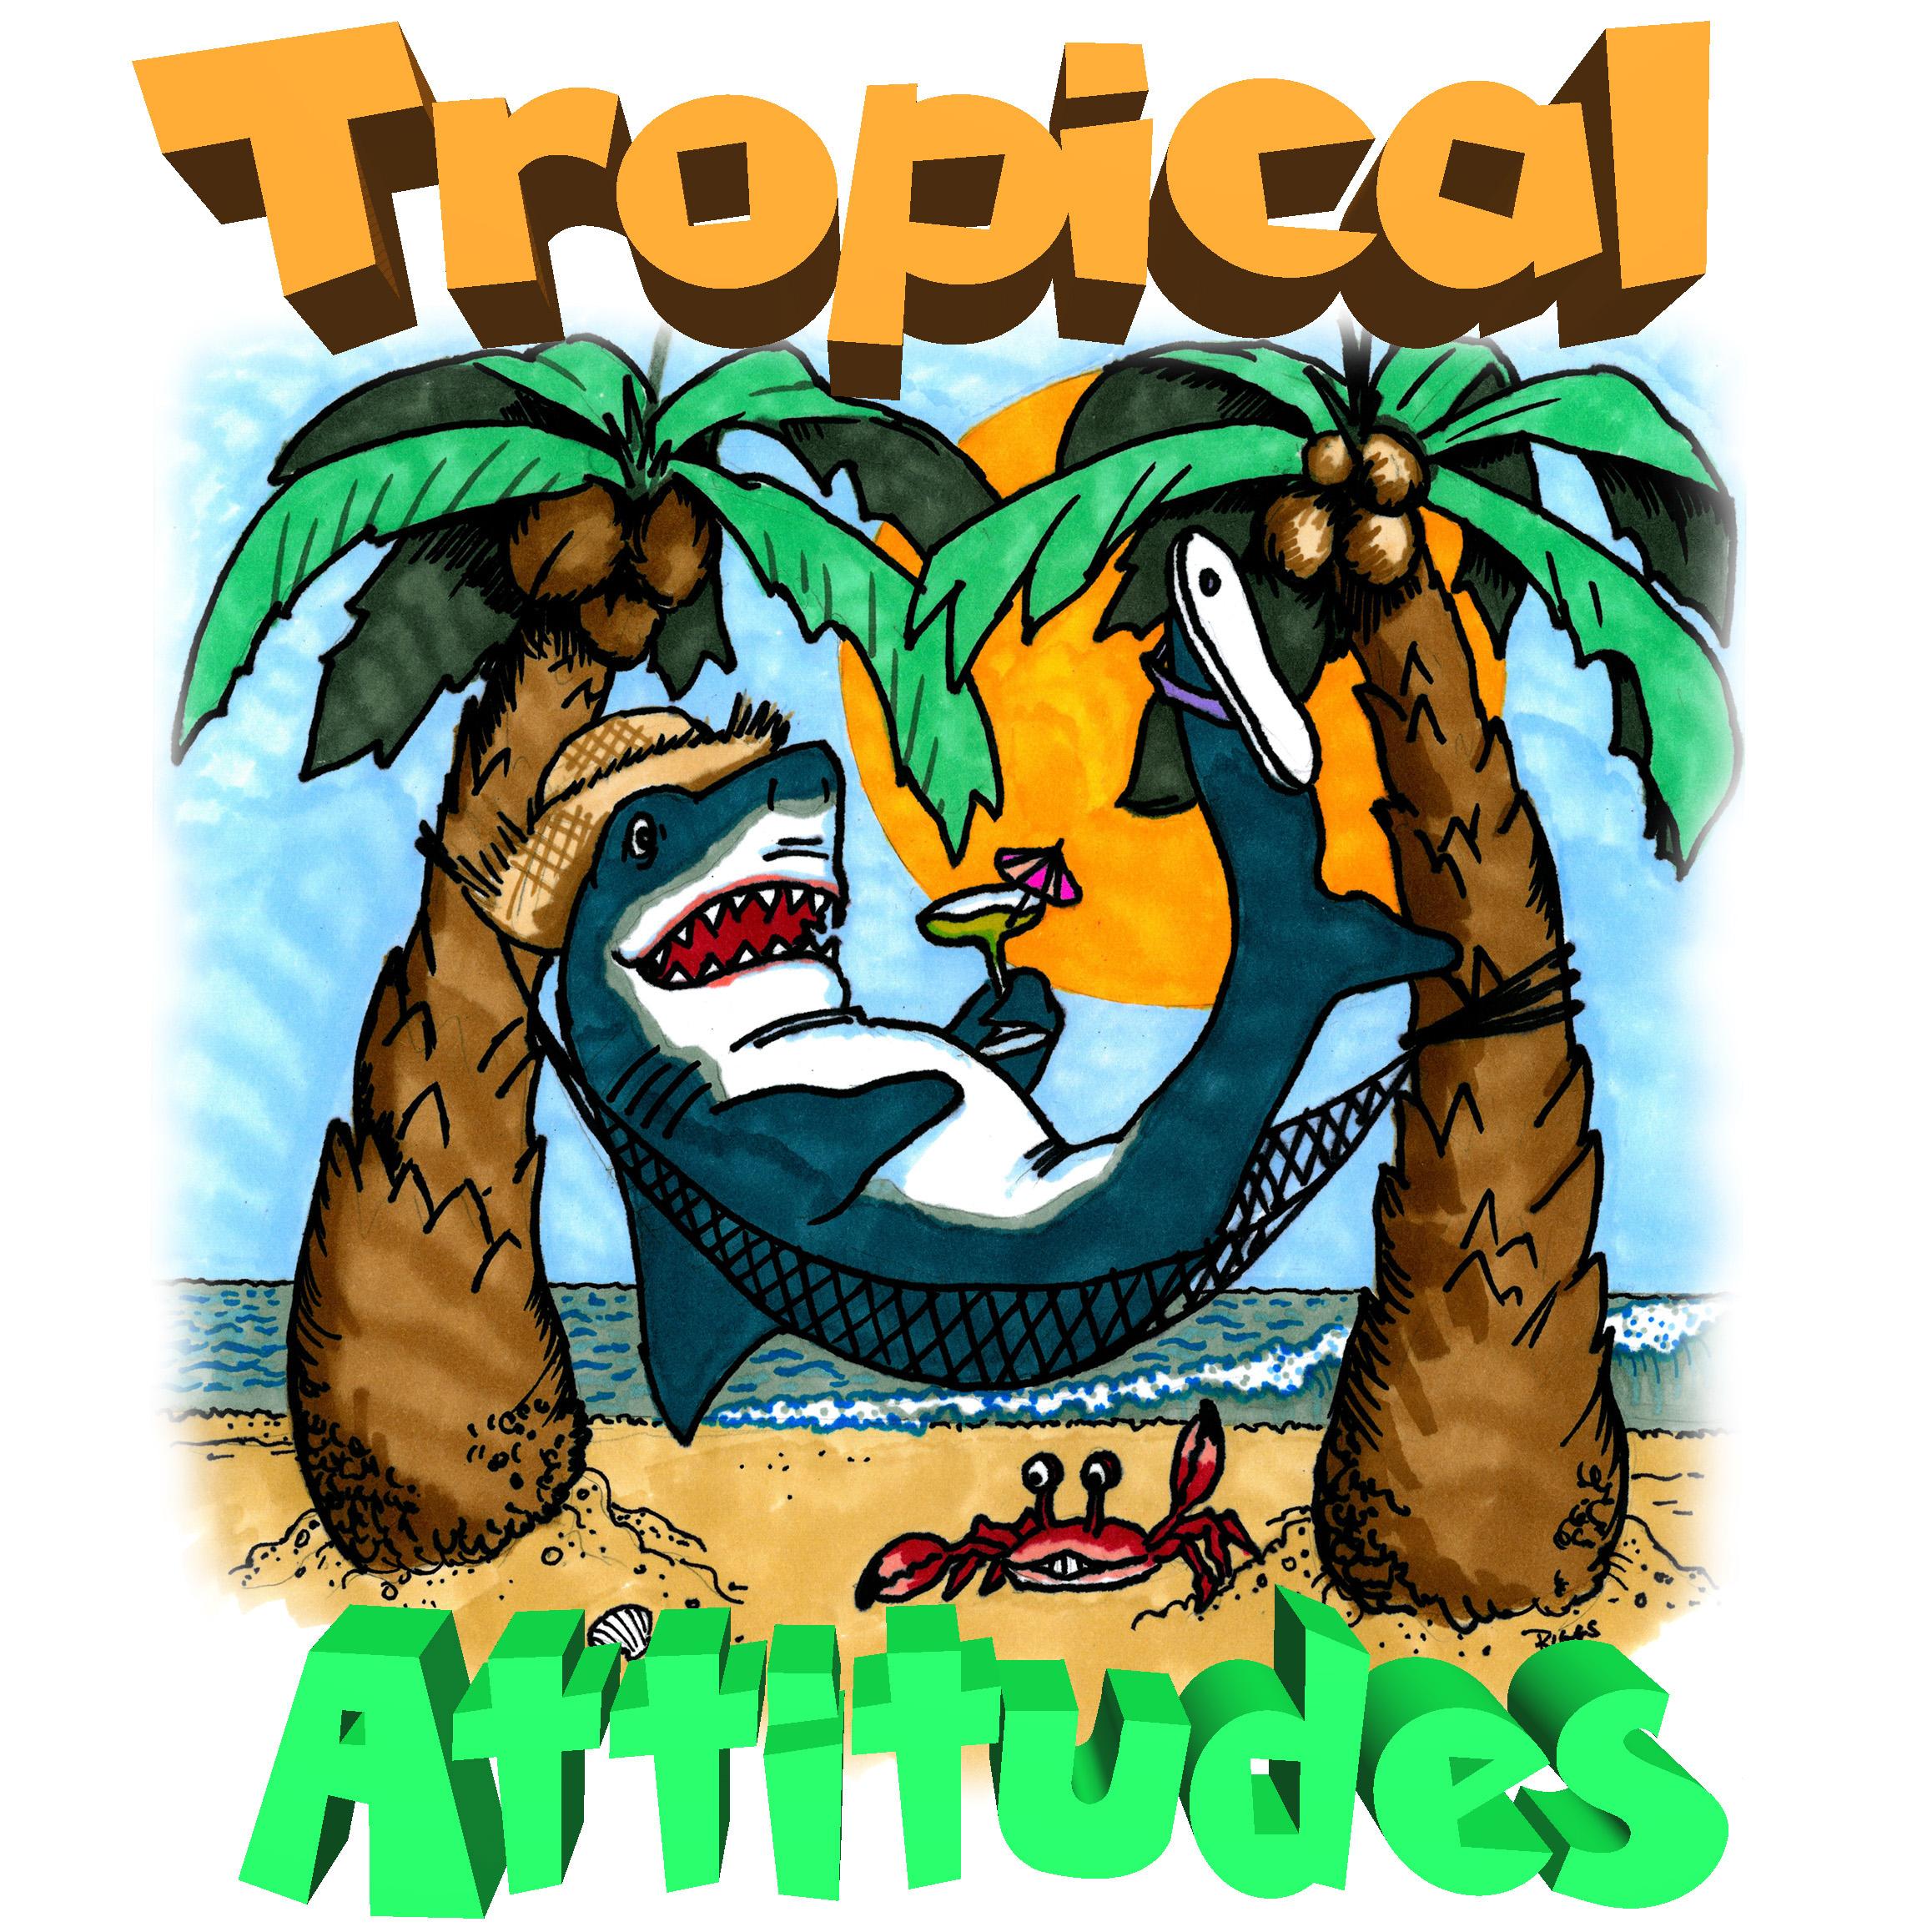 Tropical Attitudes Logo - smaller